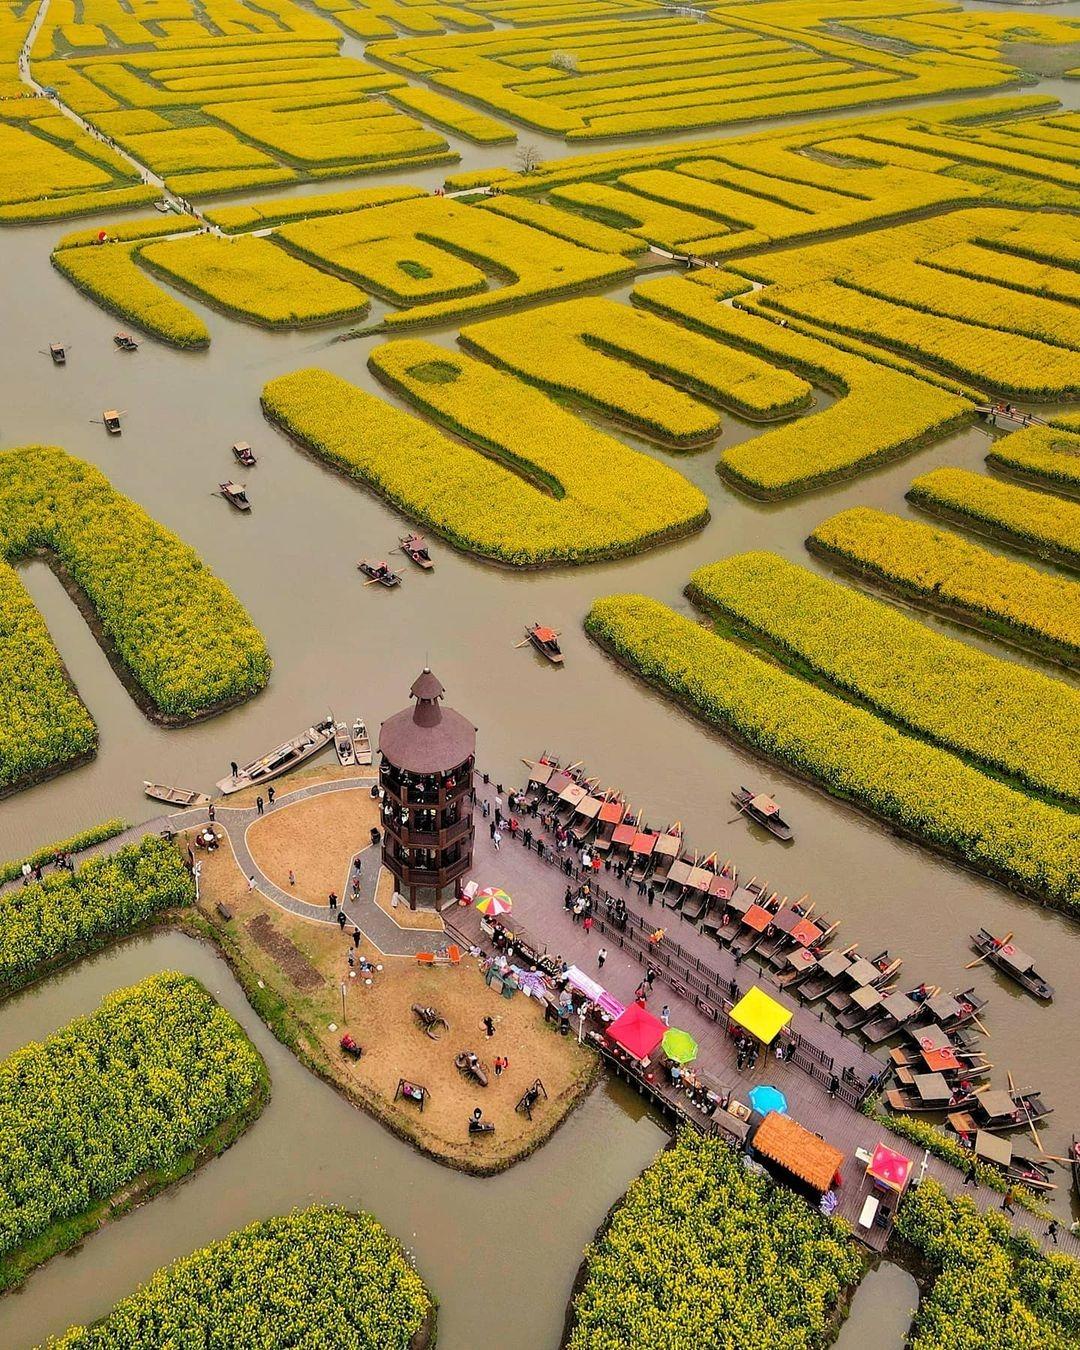 當代中國-中國旅遊-中國文化-江蘇旅遊-花海-中國農業-興化垛田-3